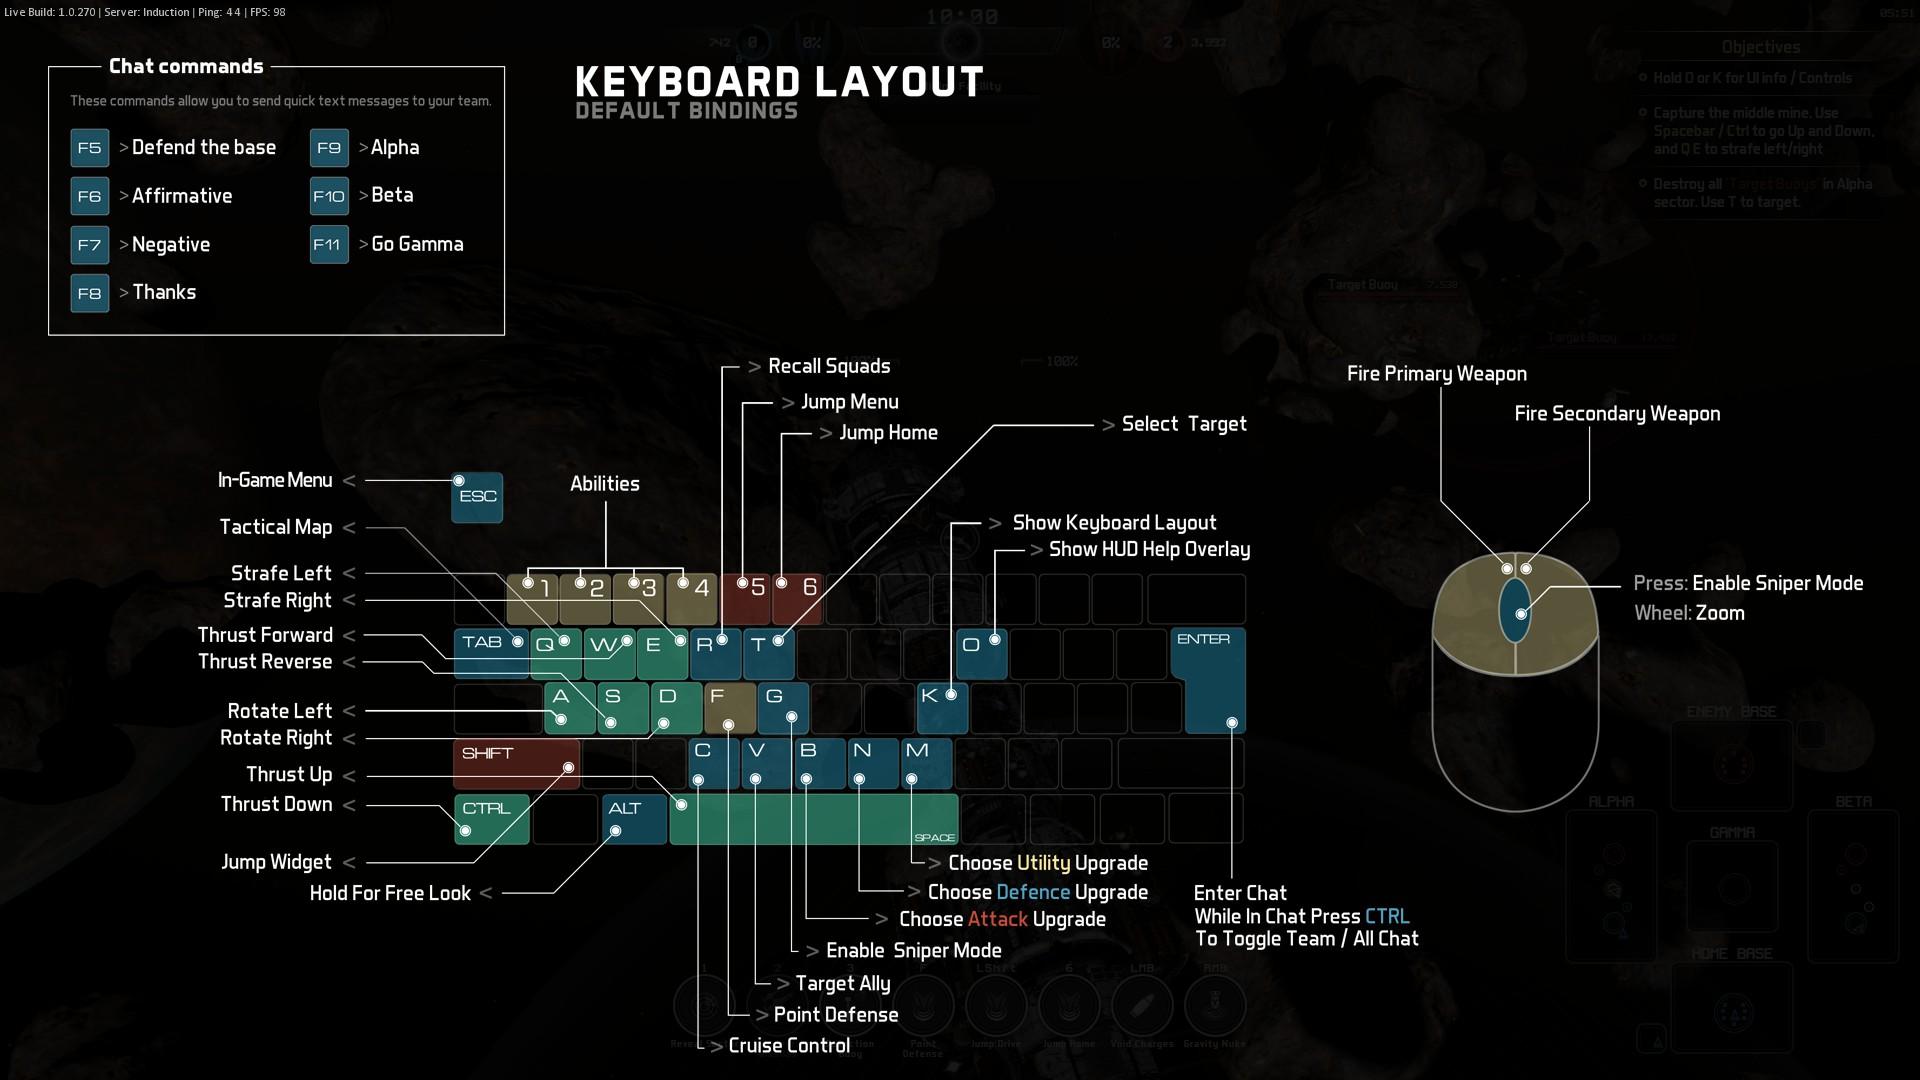 操作レイアウト。ゲームパッド未対応であり、使用するキーの多さに圧倒されるが、WASDで戦艦を動かしマウスで攻撃すると考えればすぐに慣れる。キーボードのロックオンとフラックは使用頻度が高いので、マウスのサイドボタンにアサインすることを強く勧める。ロックオンで敵艦種とその距離を調べ、ミサイル接近音に反応してフラックできるようになれば、生存力があがる。